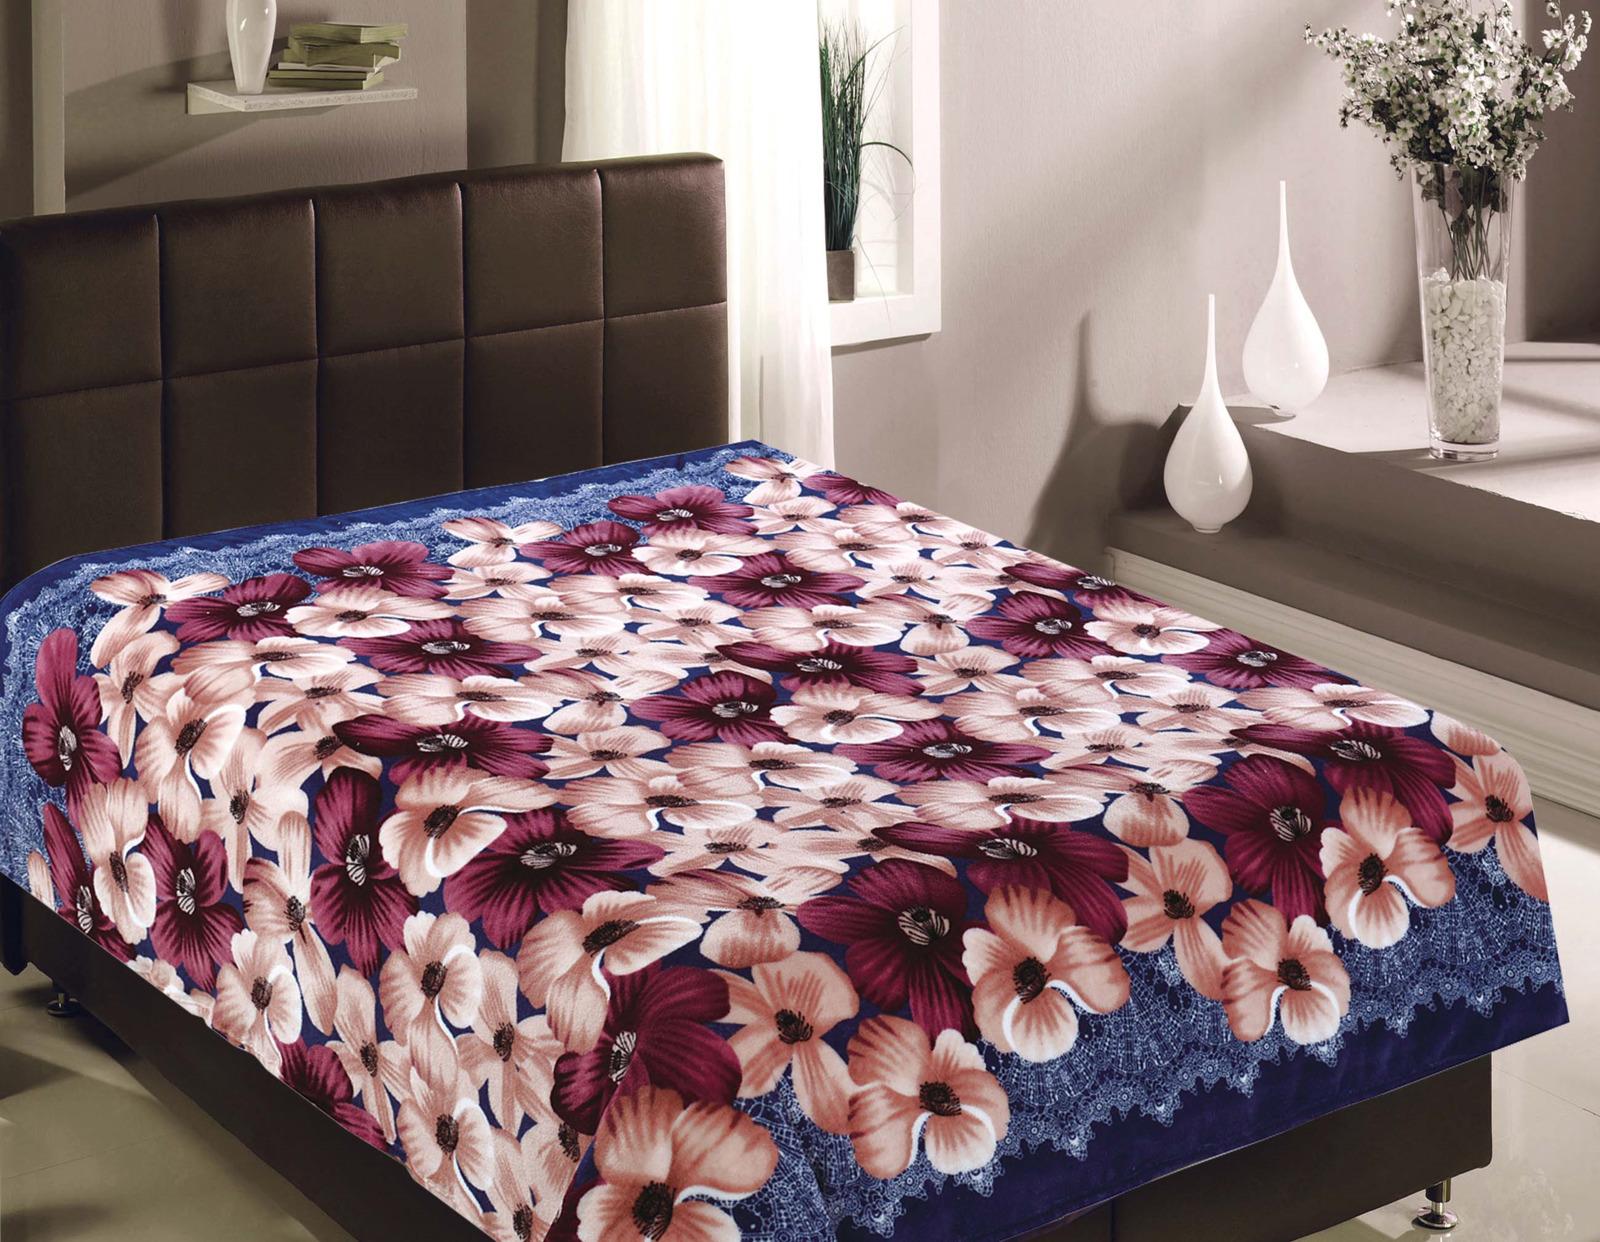 Плед TexRepublic Absolute Flannel, 5205, синий, коричневый, 150 х 200 см пледы hongda textile махровое чудо коричневый широкая полоса